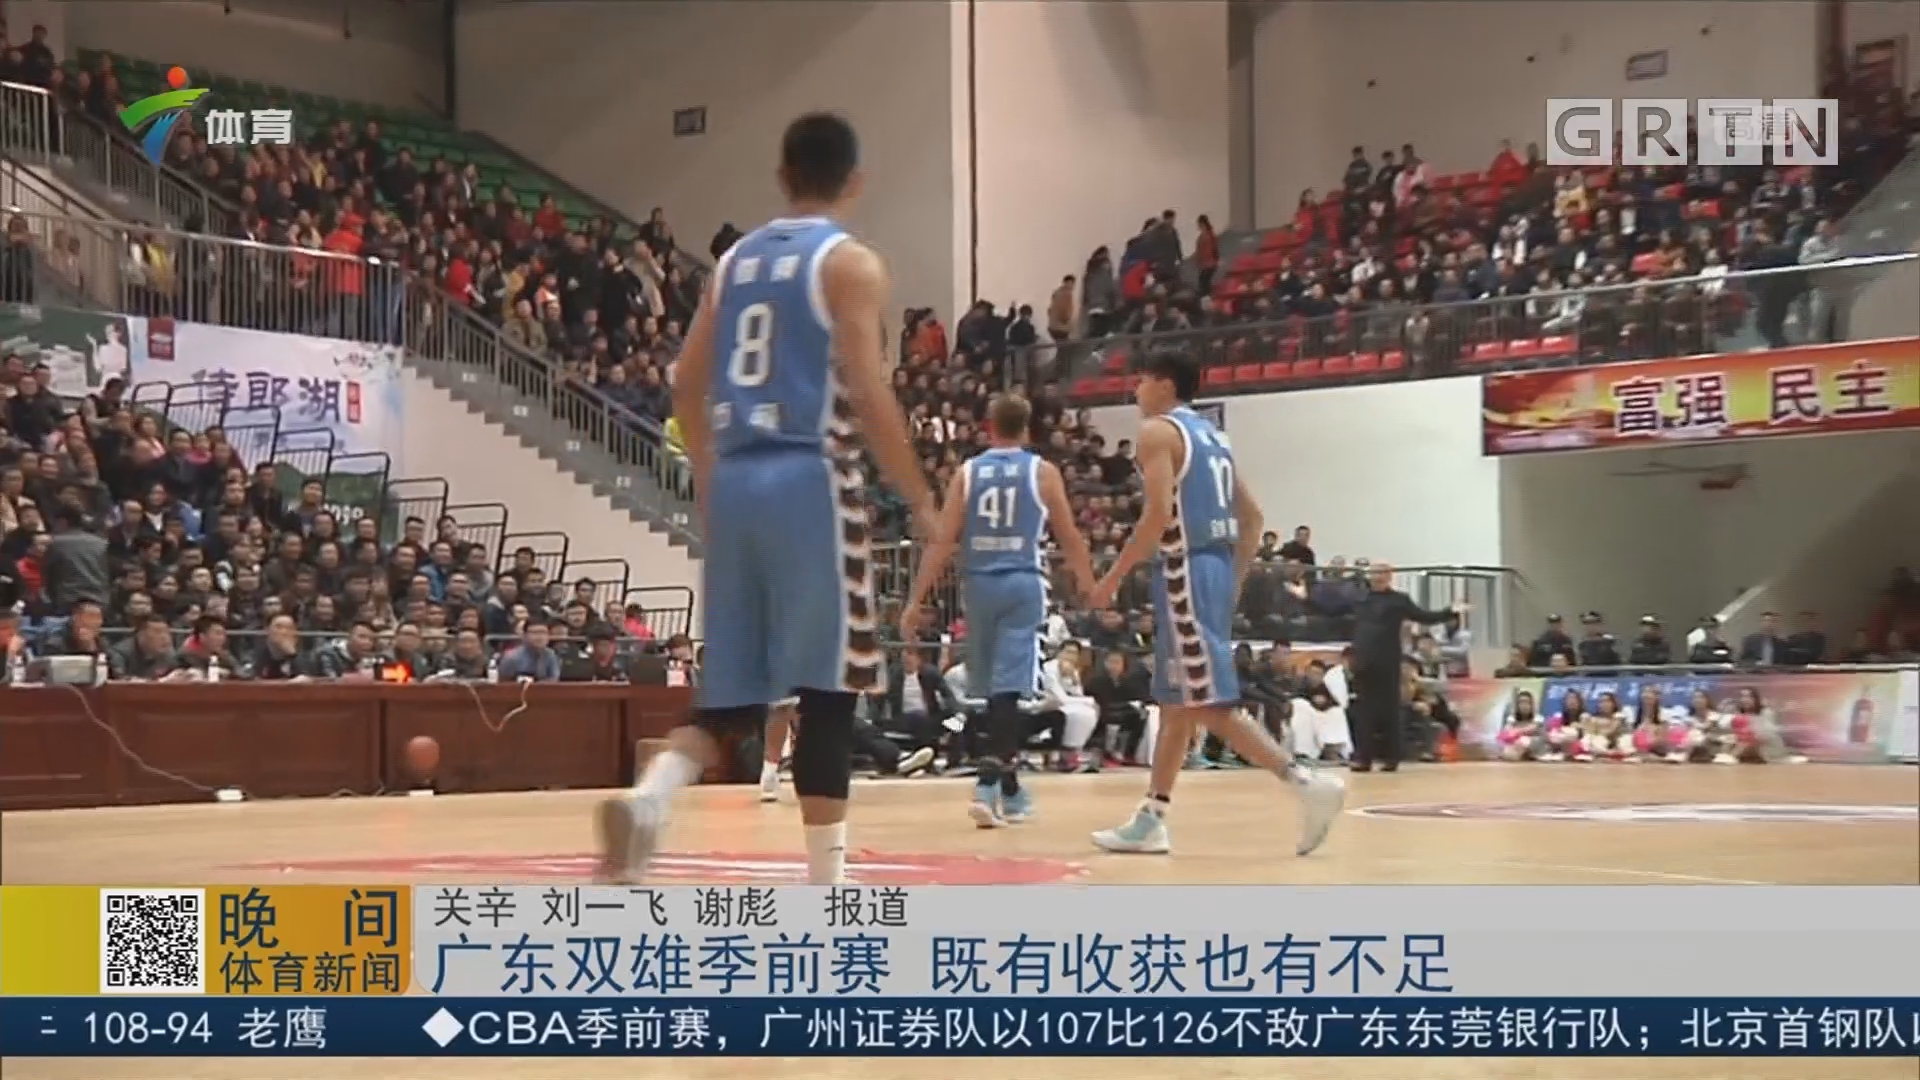 广东双雄季前赛 既有收获也有不足